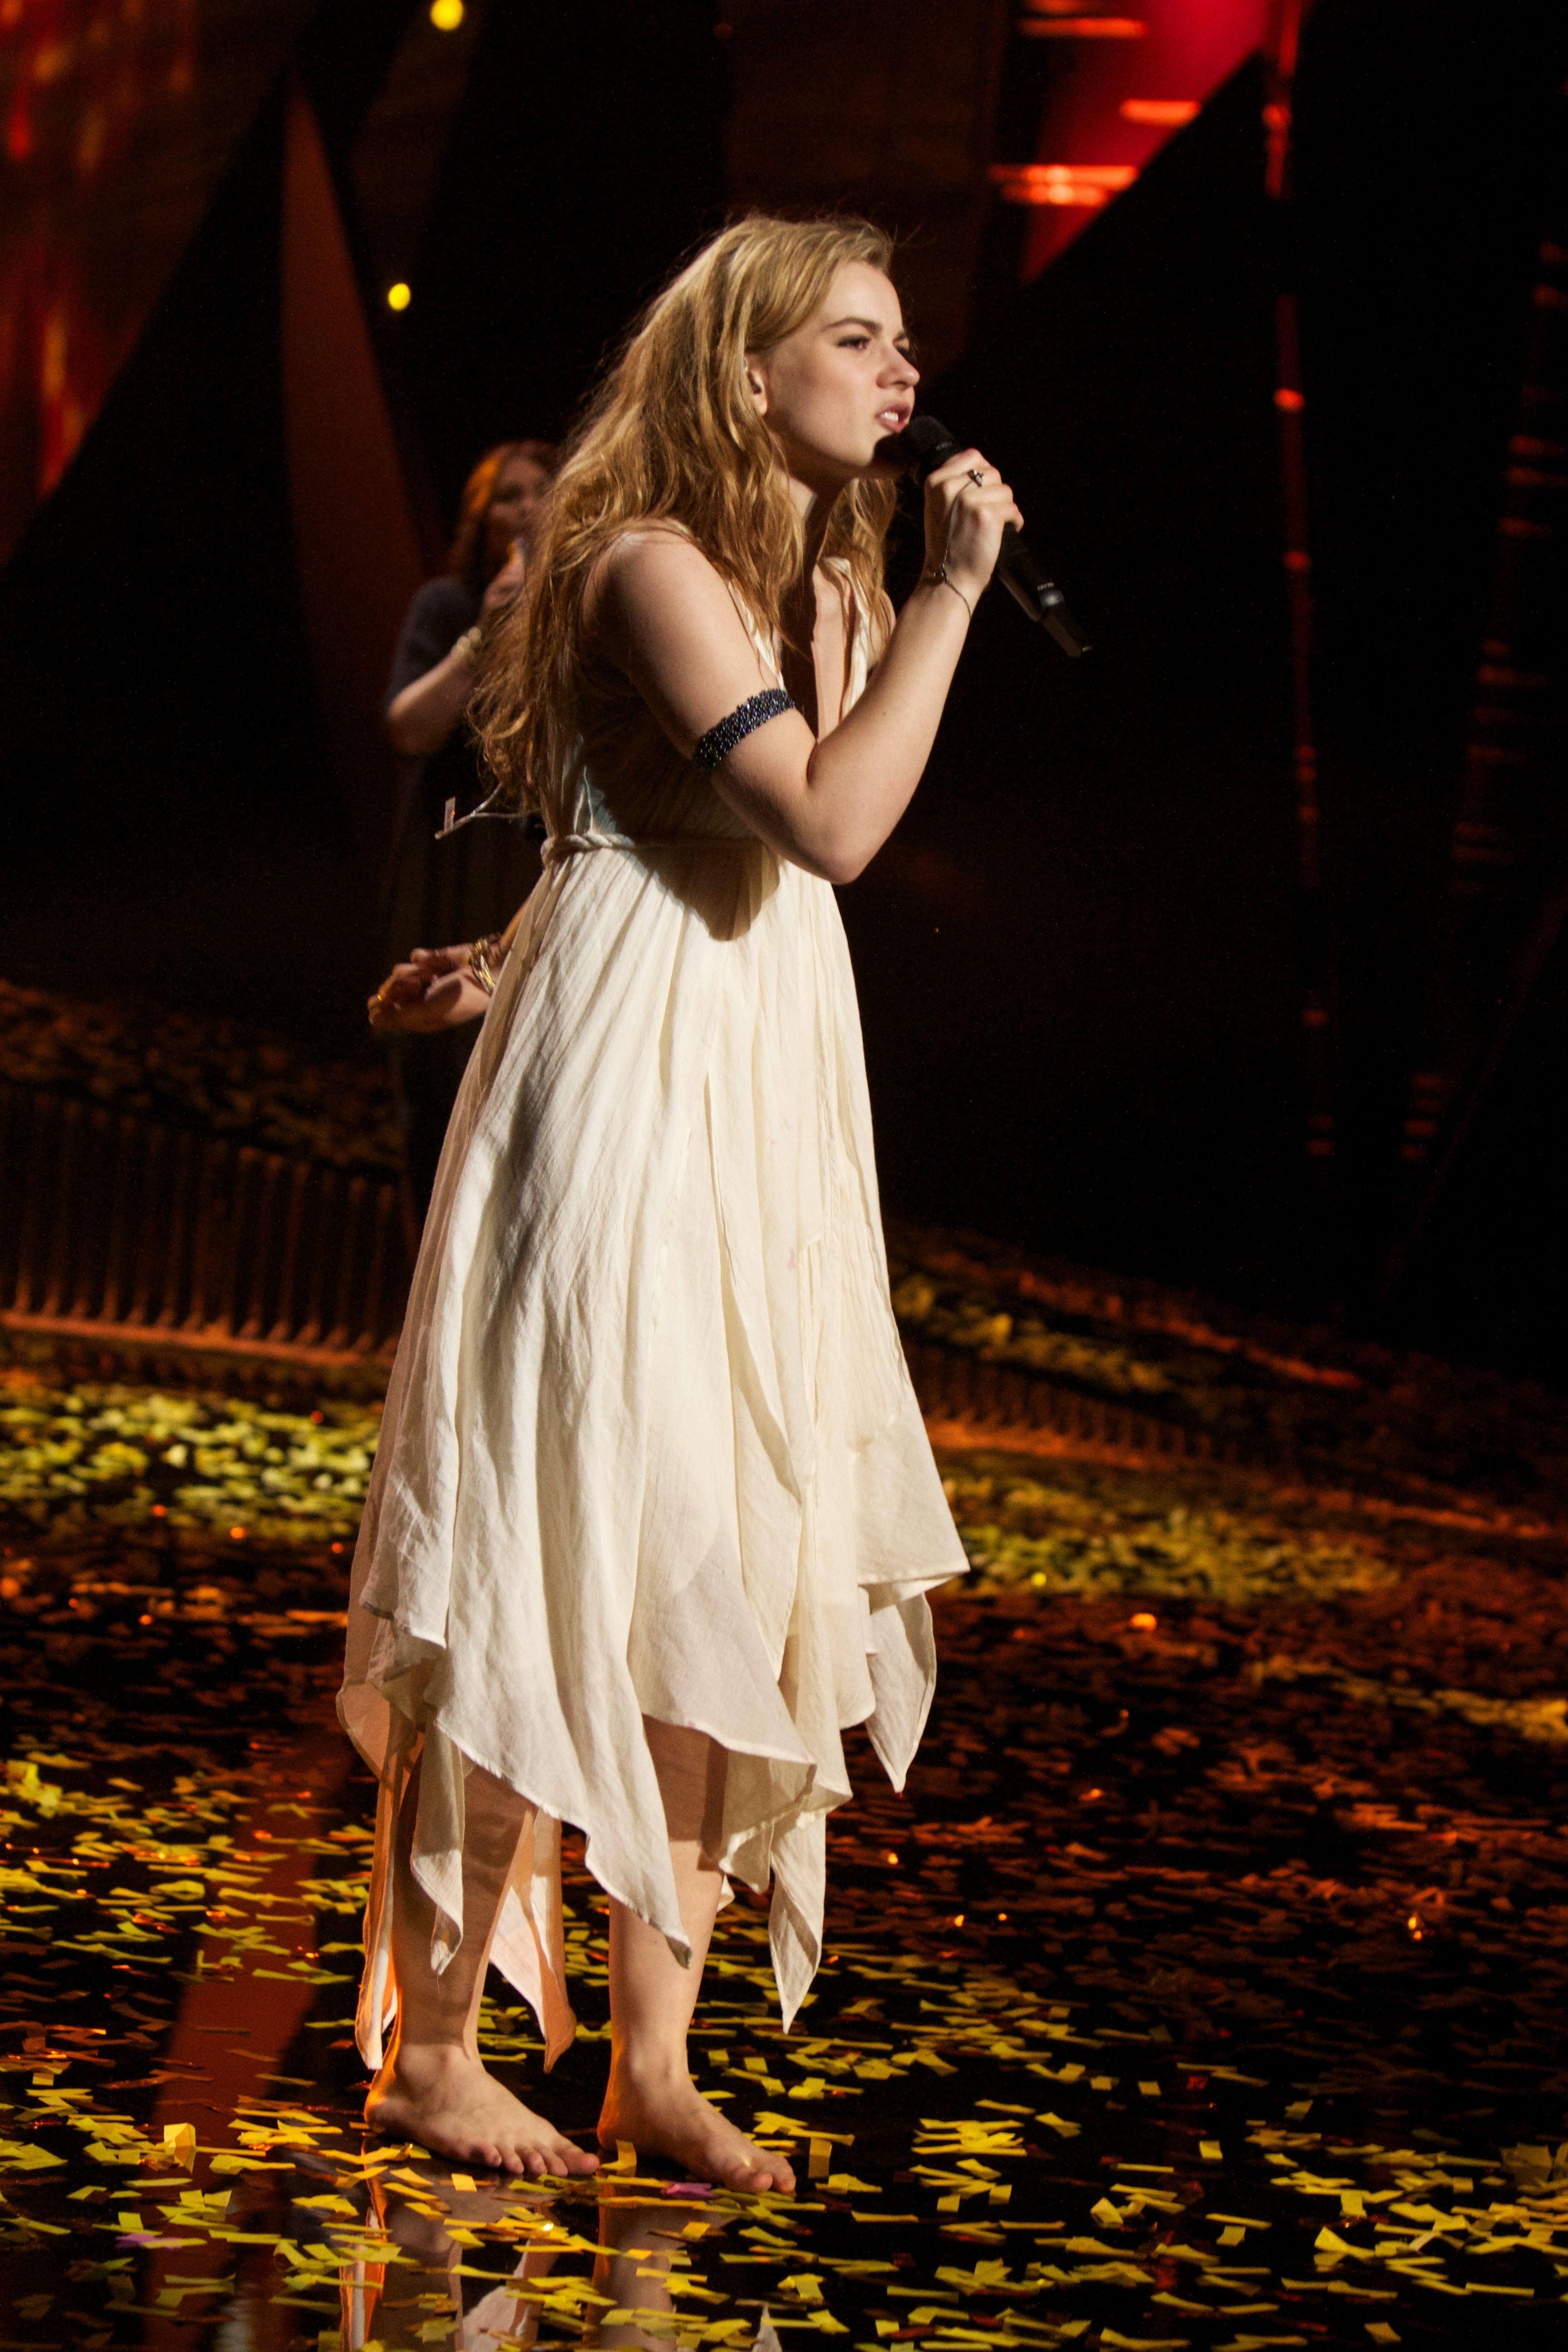 eurovision denmark 2014 final